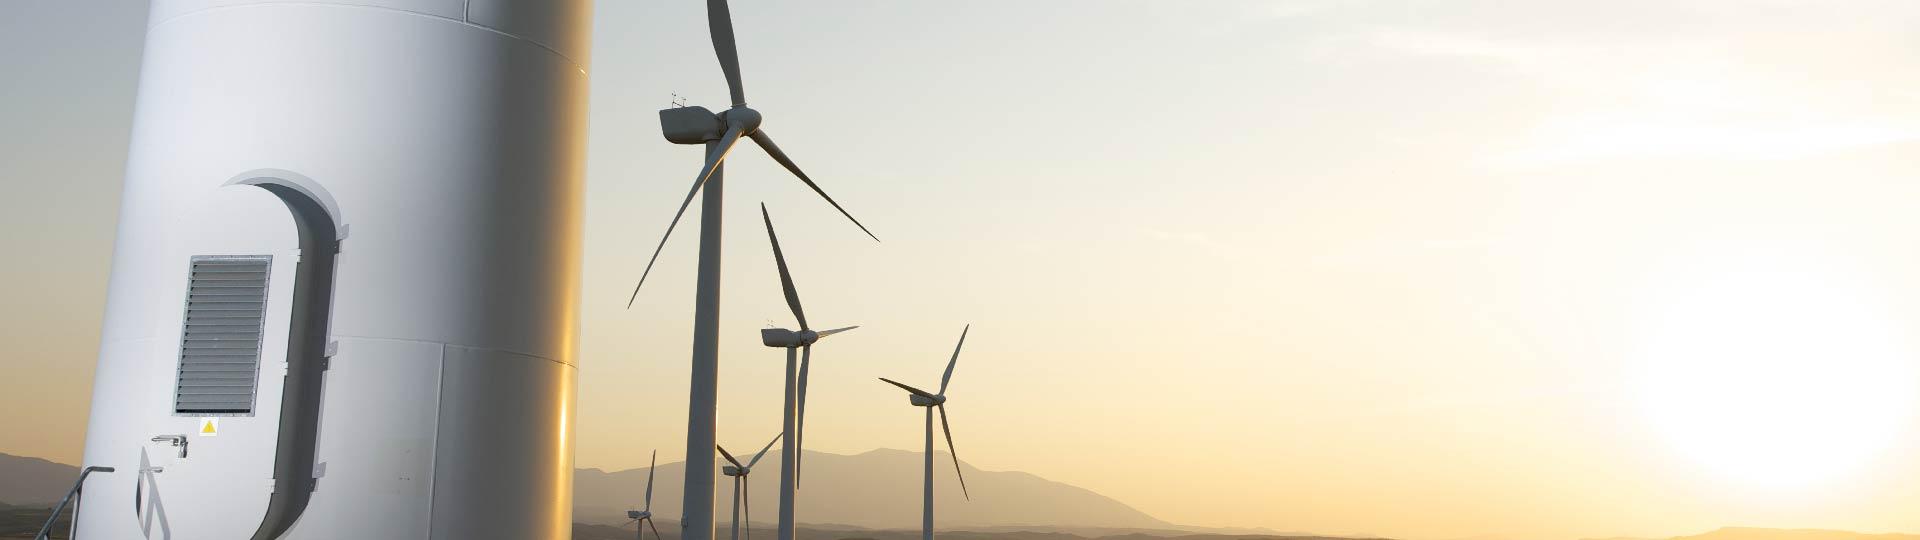 renewable energy source